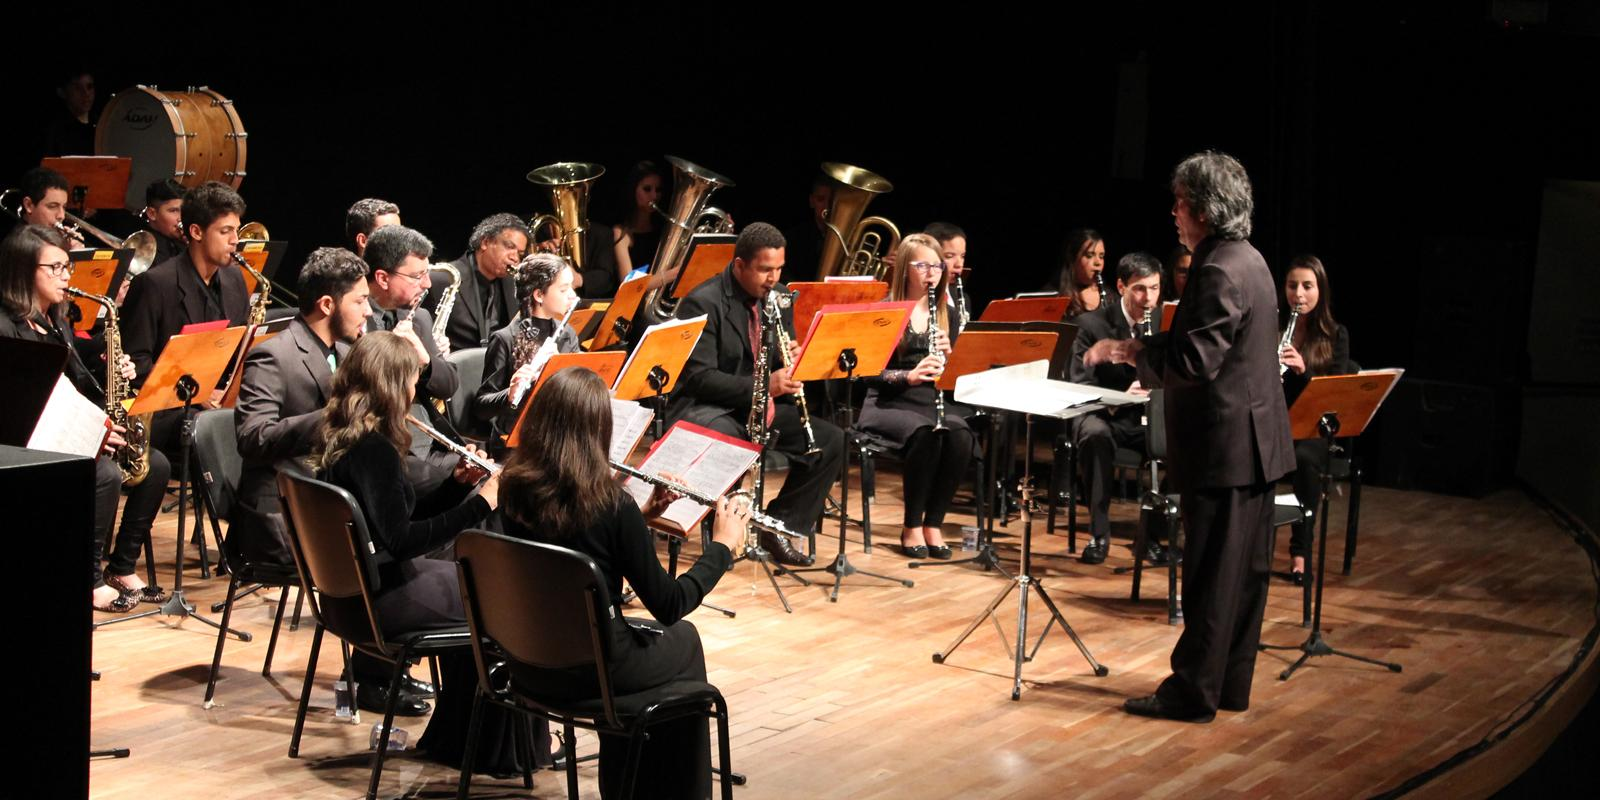 Banda Sinfônica Primeiro Movimento se apresenta no Festival de Inverno de Atibaia